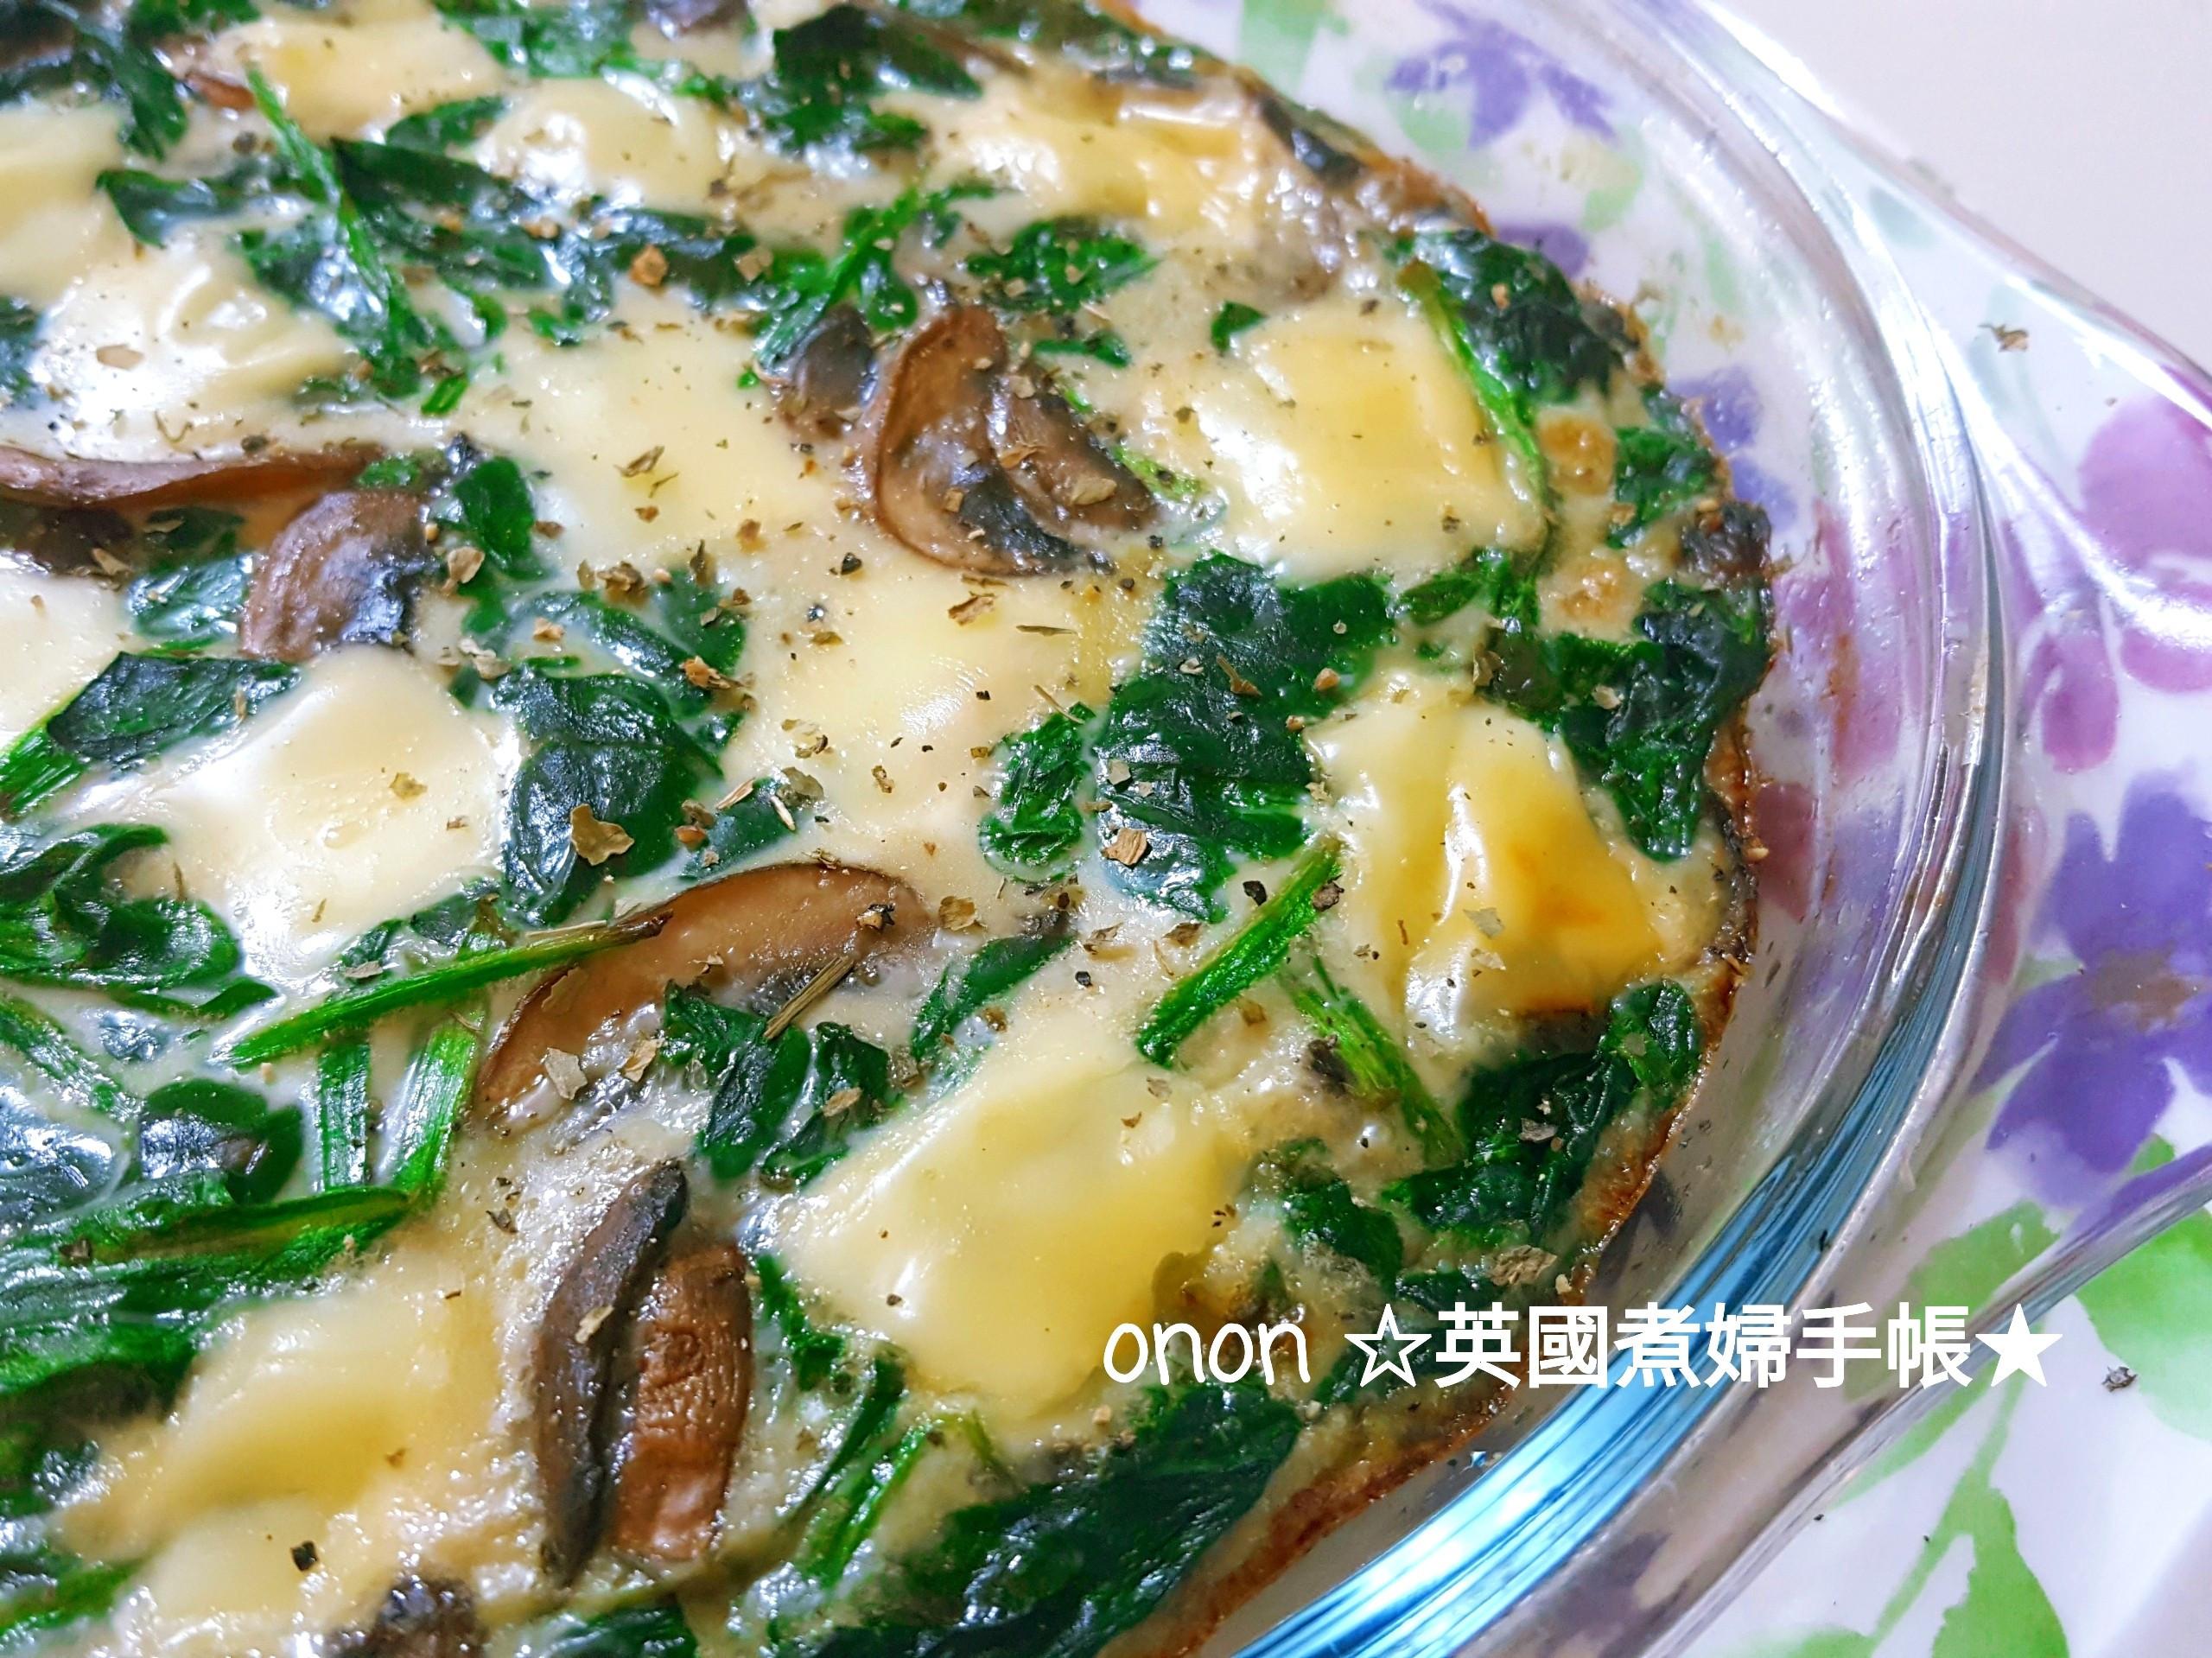 蘑菇菠菜起司烘蛋🍳 新手之烤箱家常菜